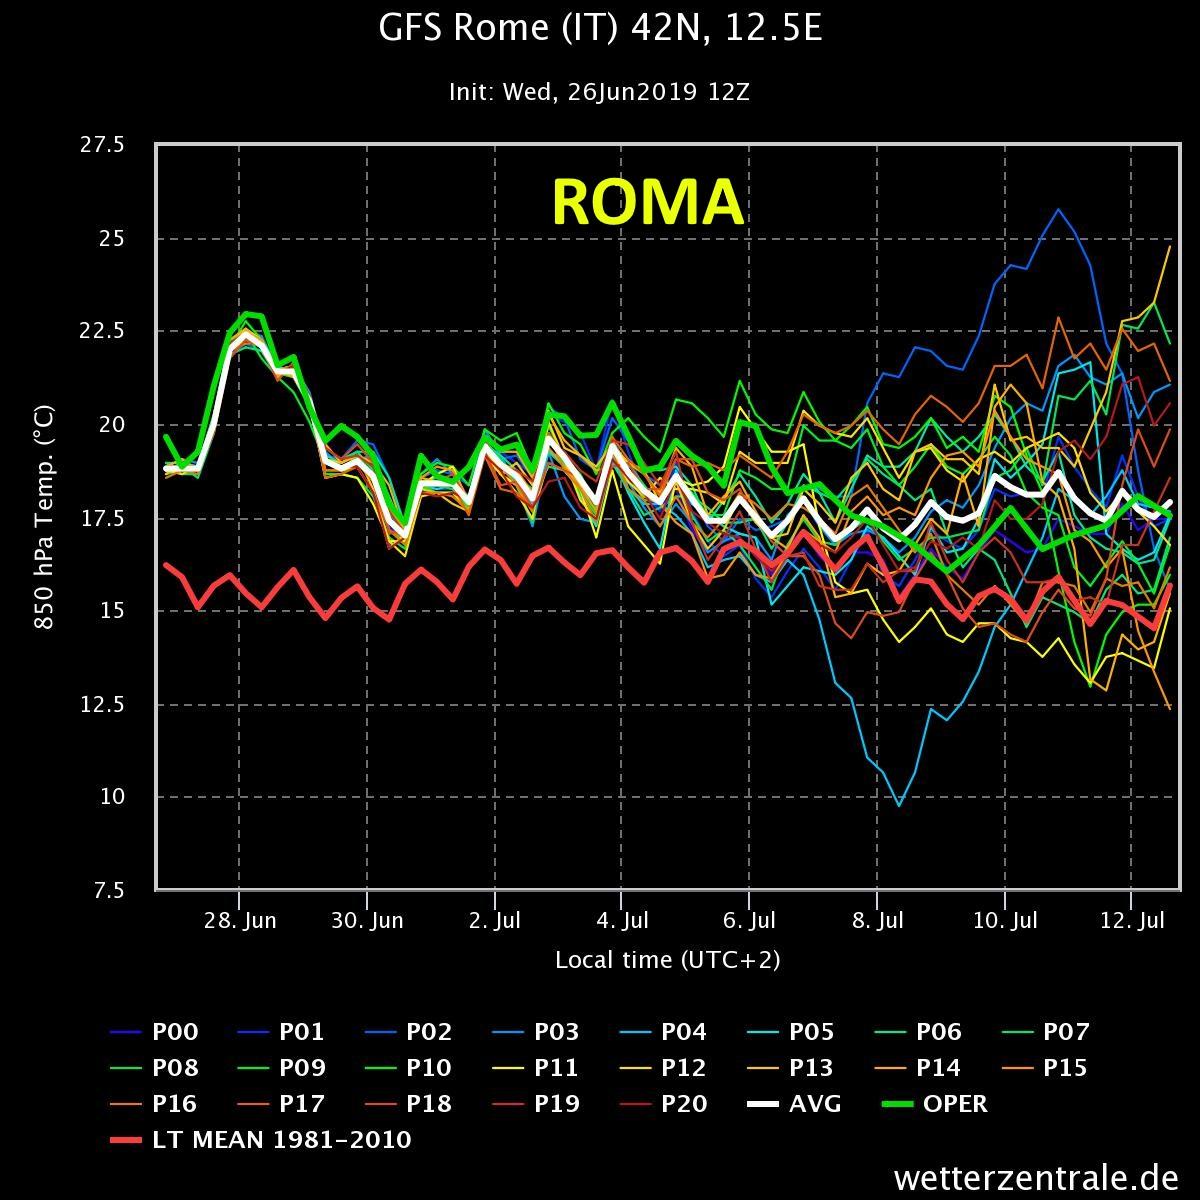 gfs-rome-it-42n-125e